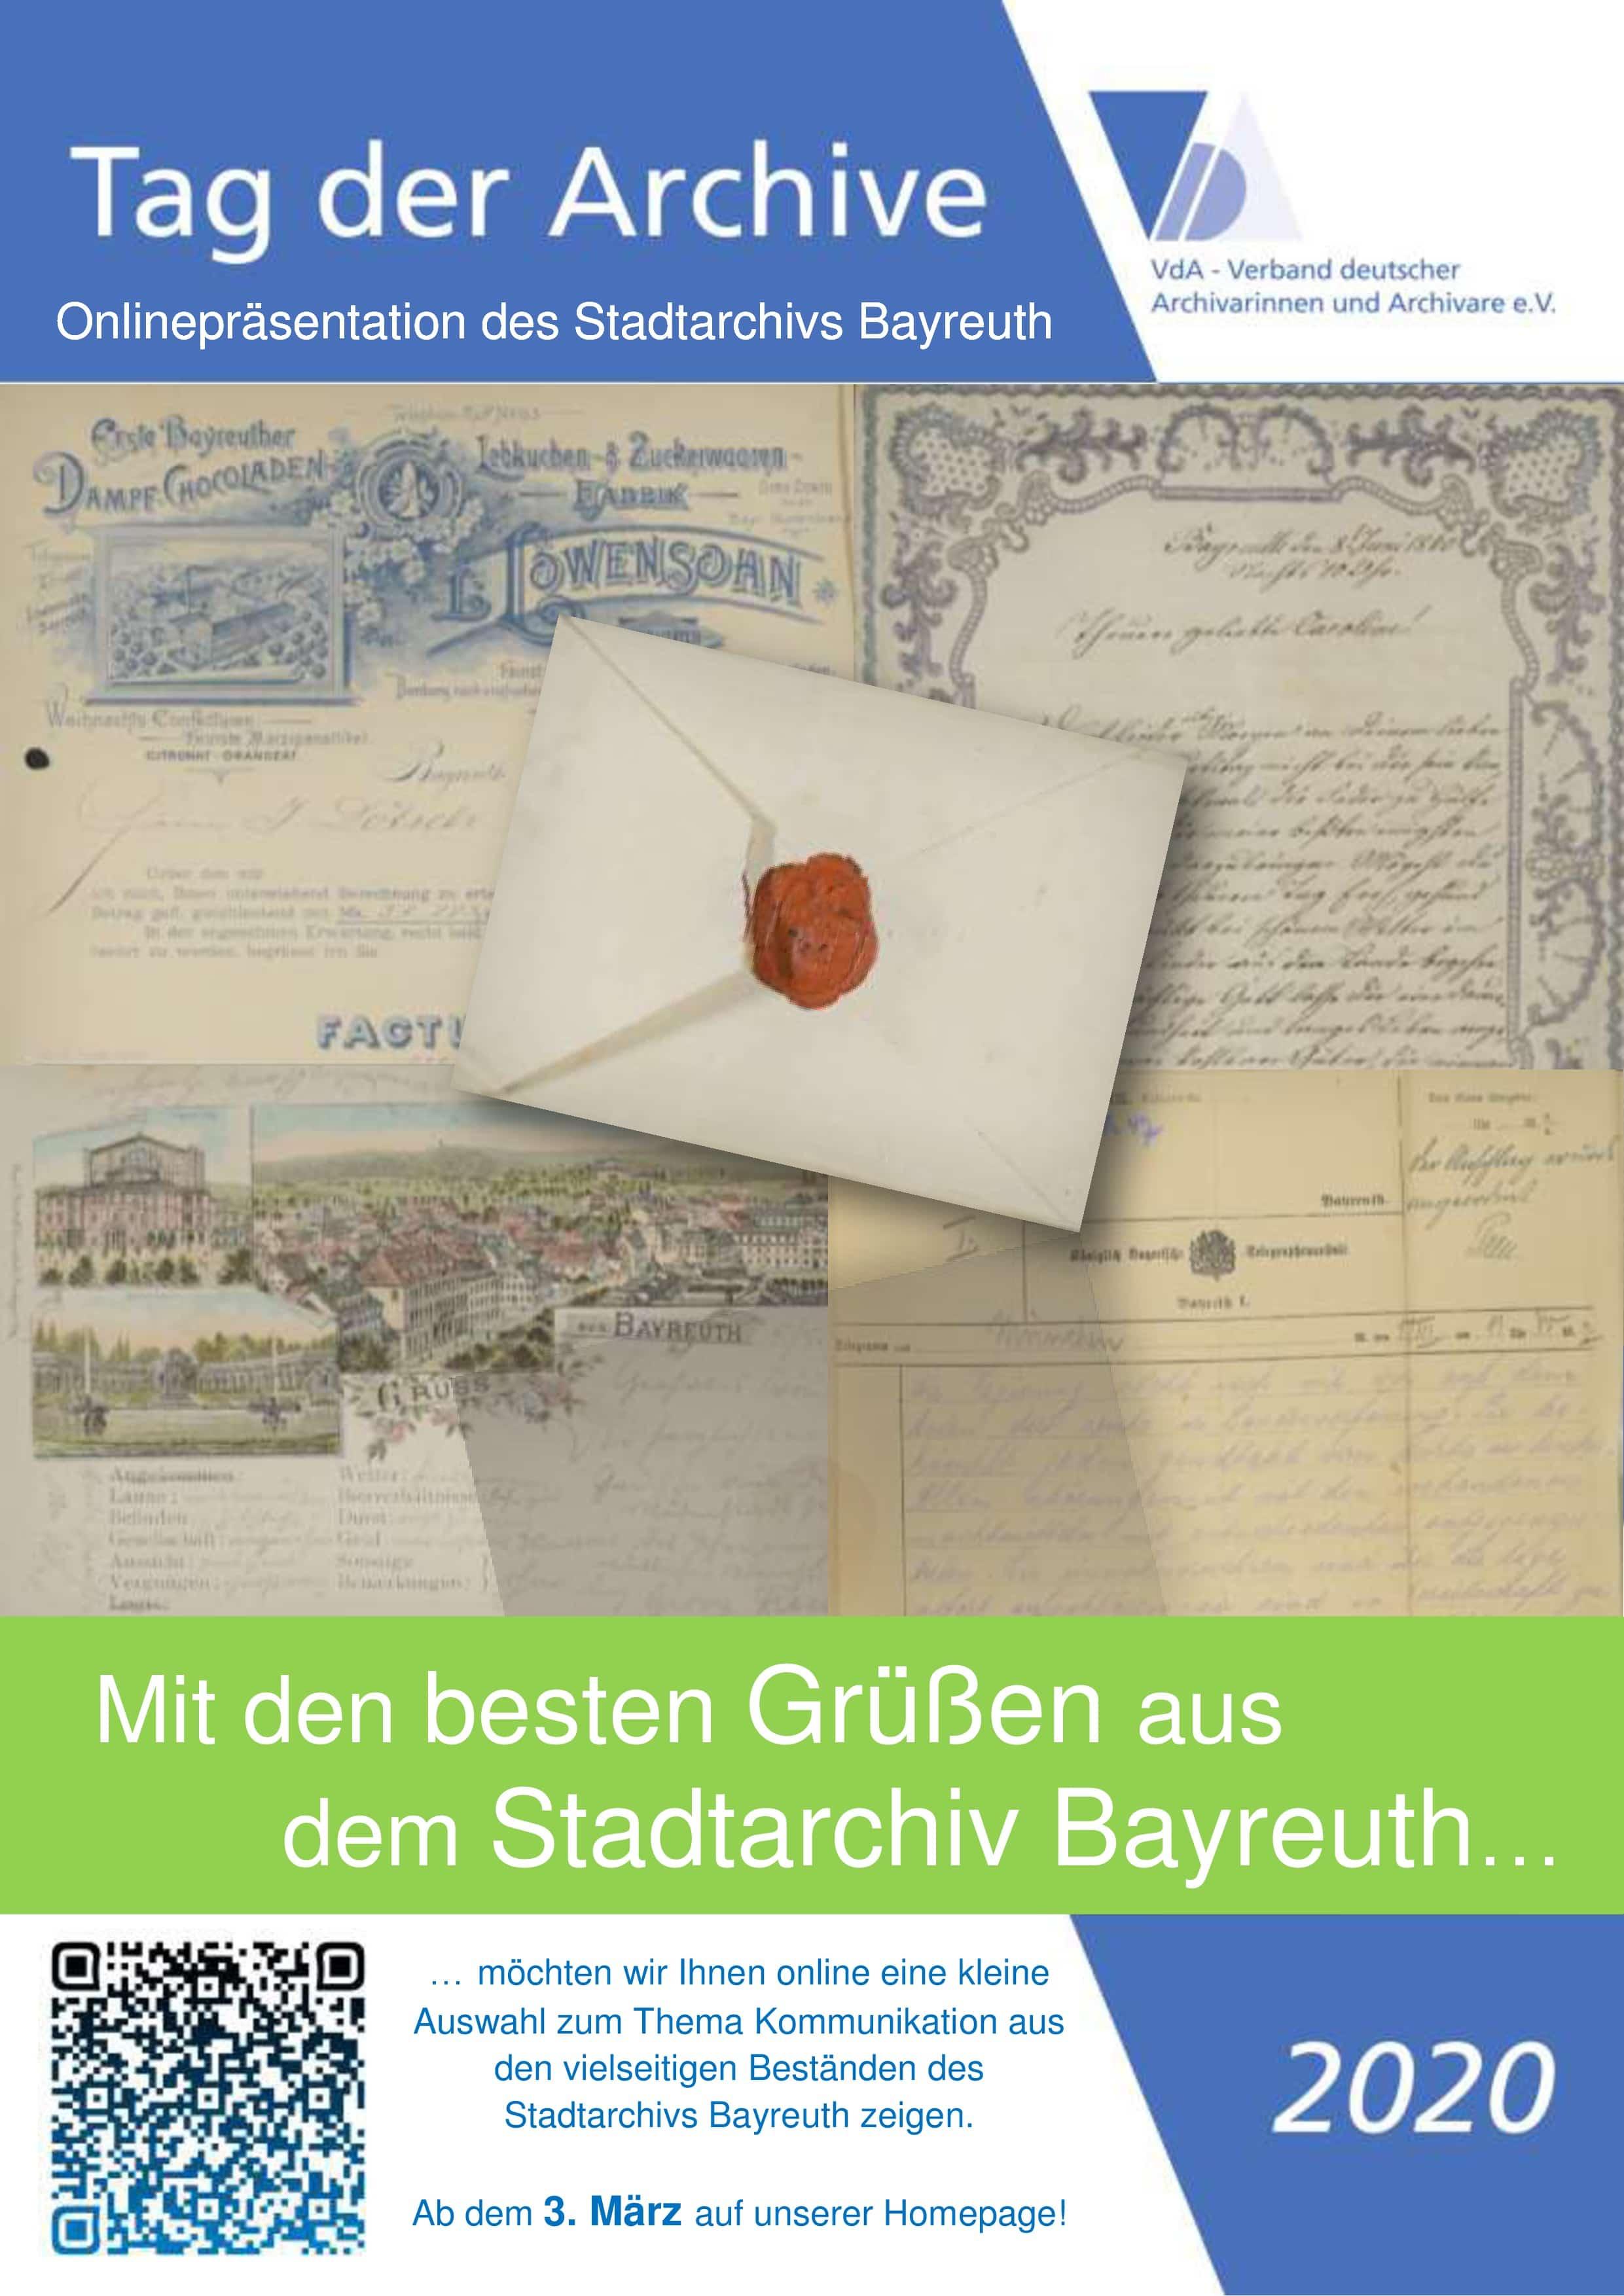 Flyer zur Onlinepräsentation des Stadtarchivs Bayreuth vom 3. bis 6. März im Rahmen des 10. Tages der Archive